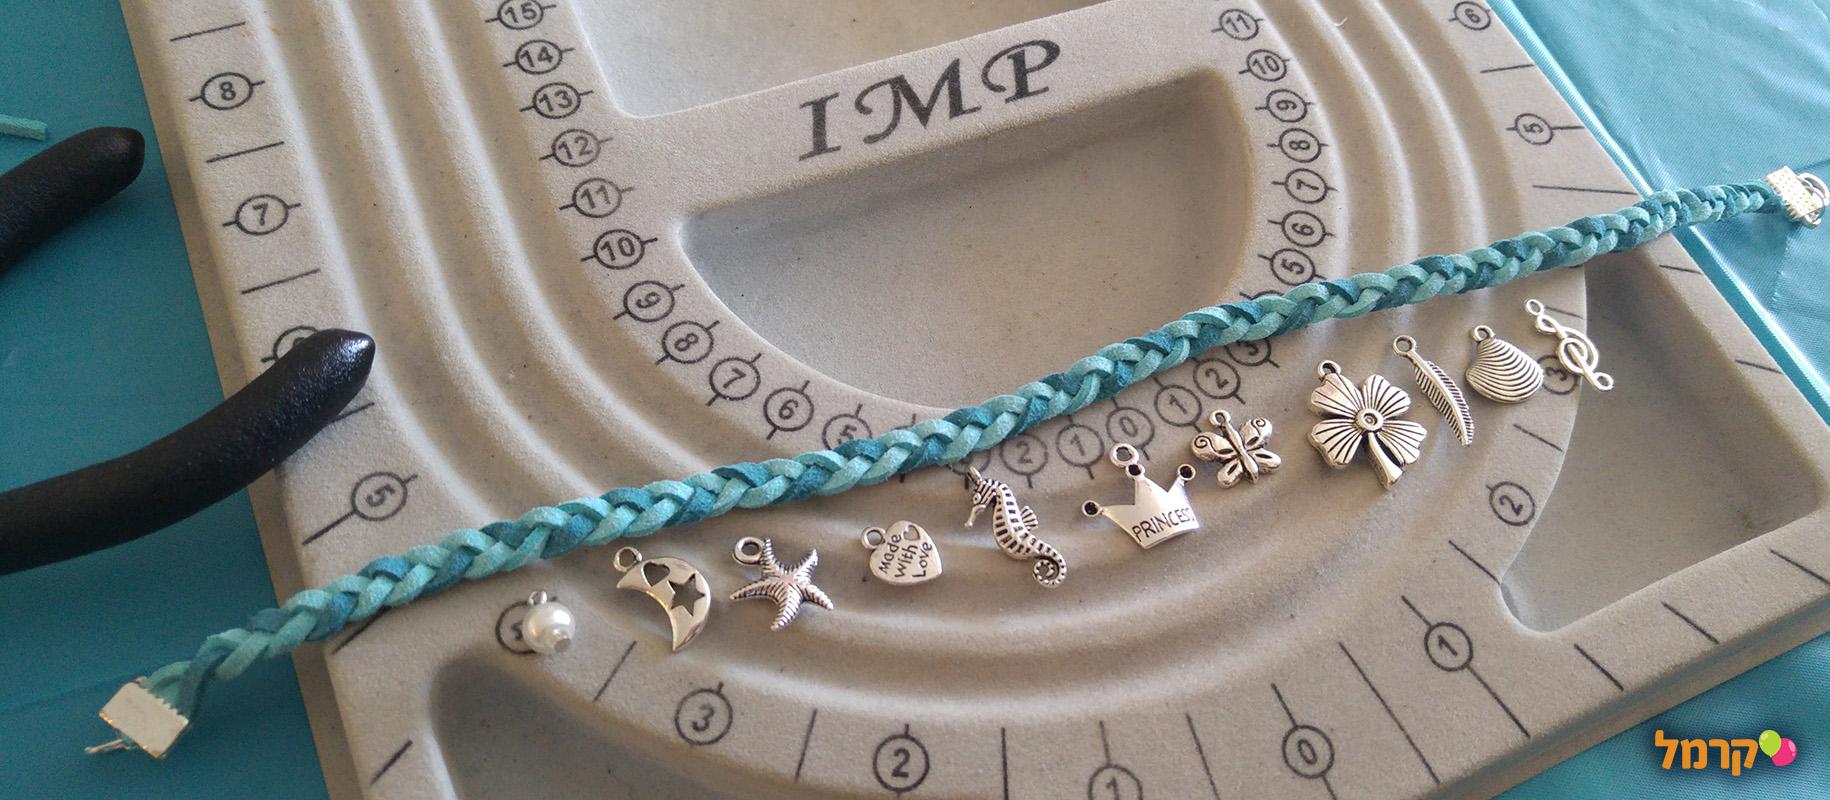 עיצוב תכשיטים עם הדסה - 073-7597081